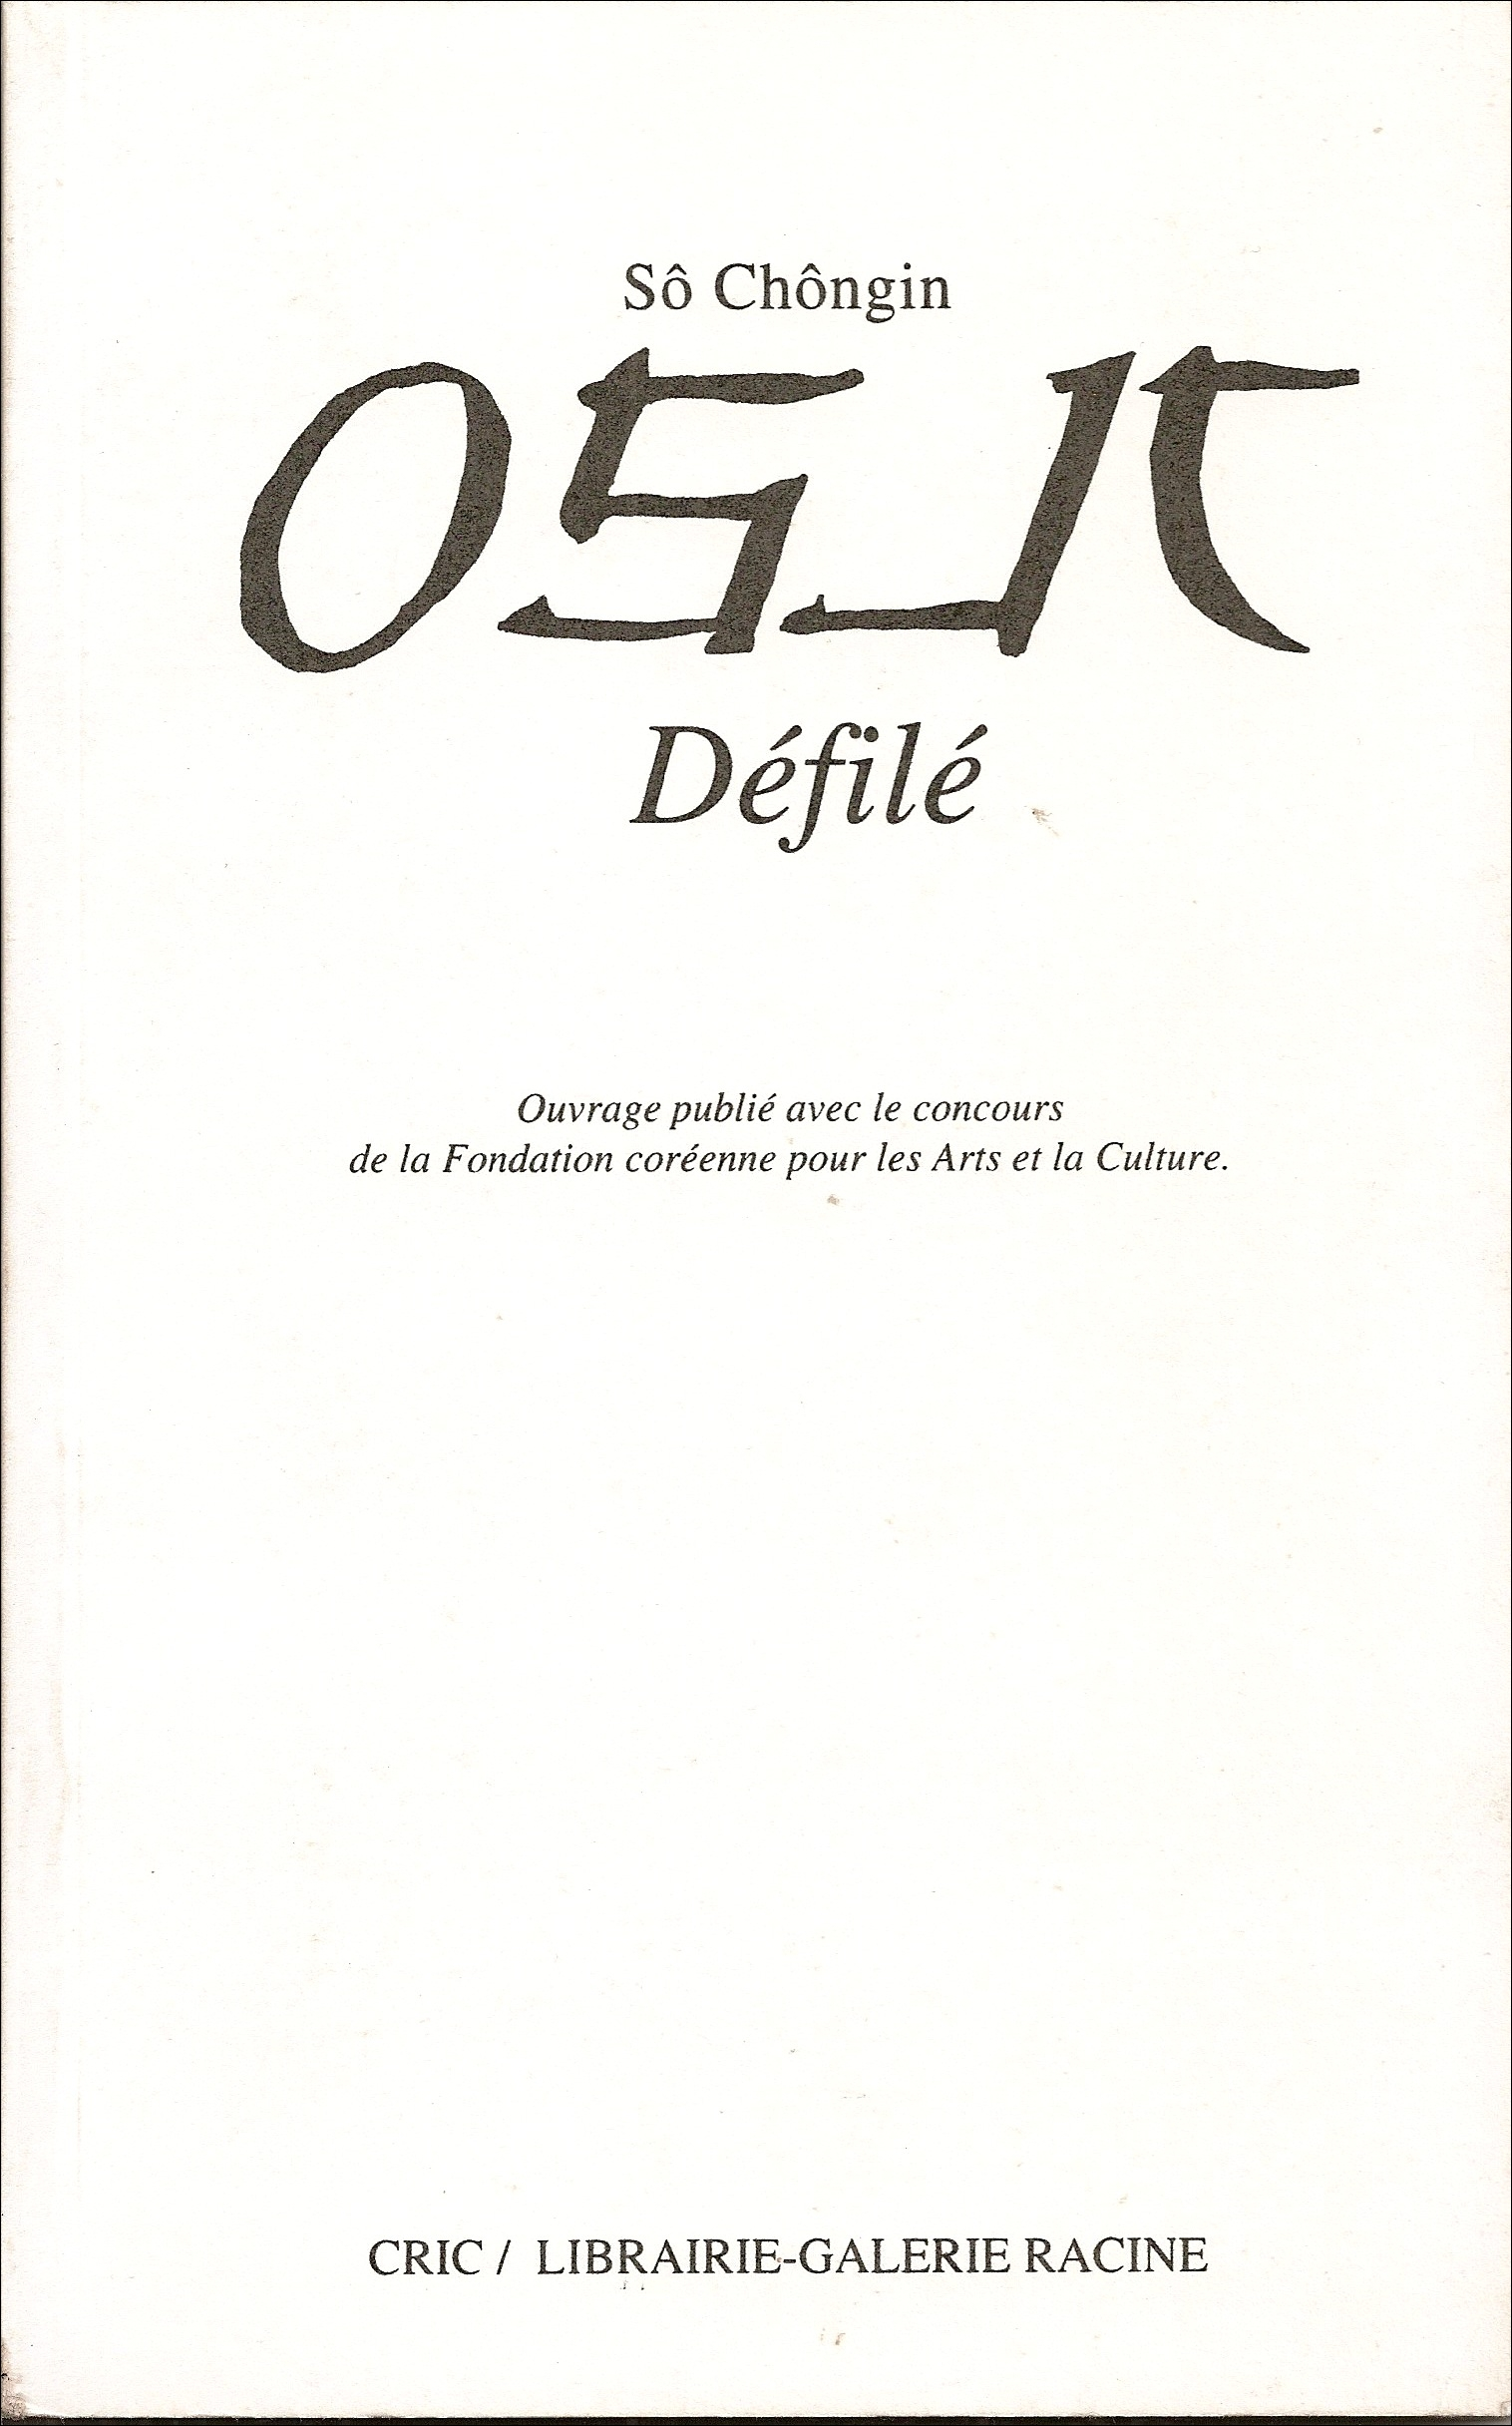 4- Sô Chôngin - Défilé